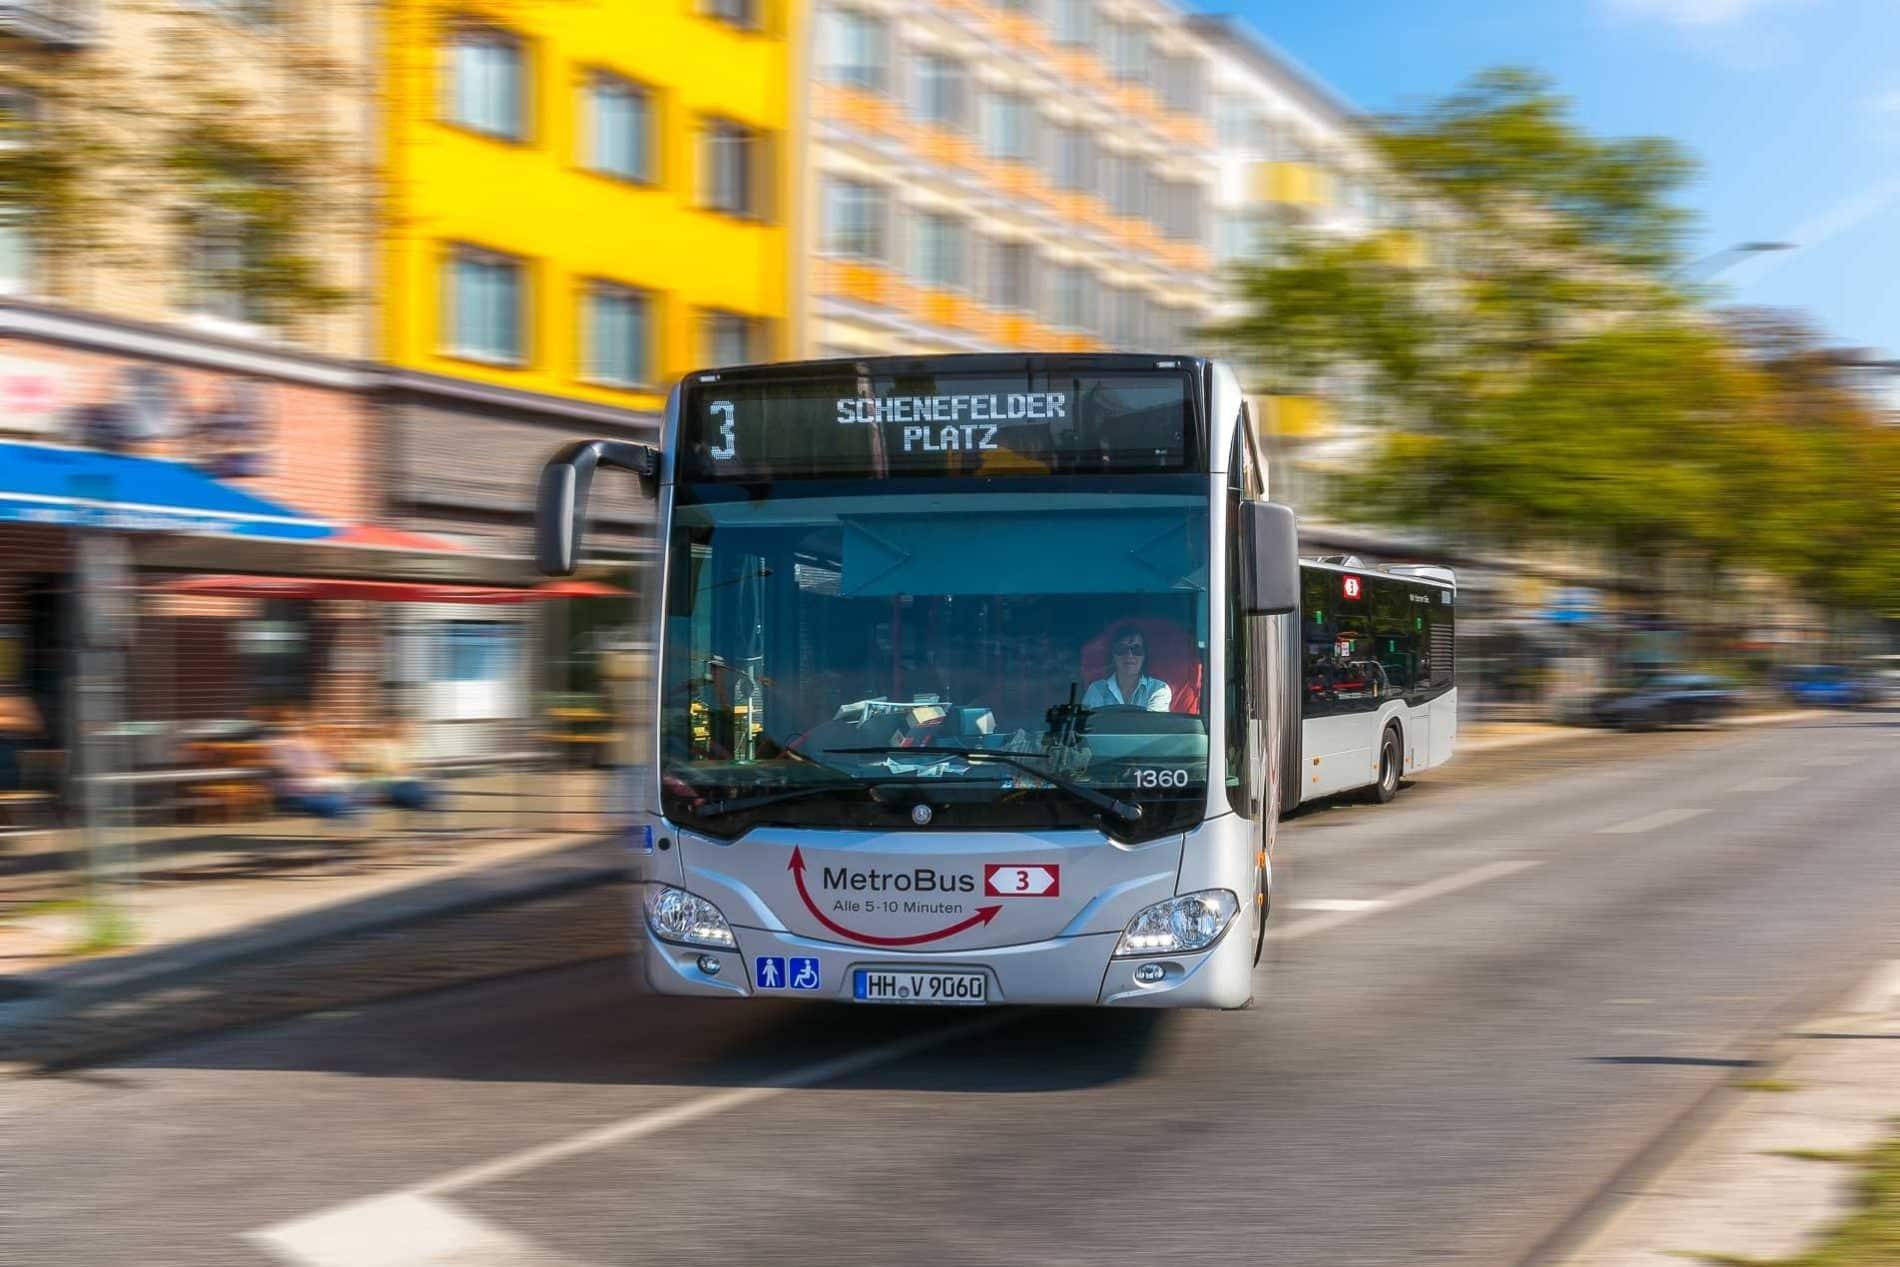 Ein Metrobus der Linie M3 an der Feldstraße